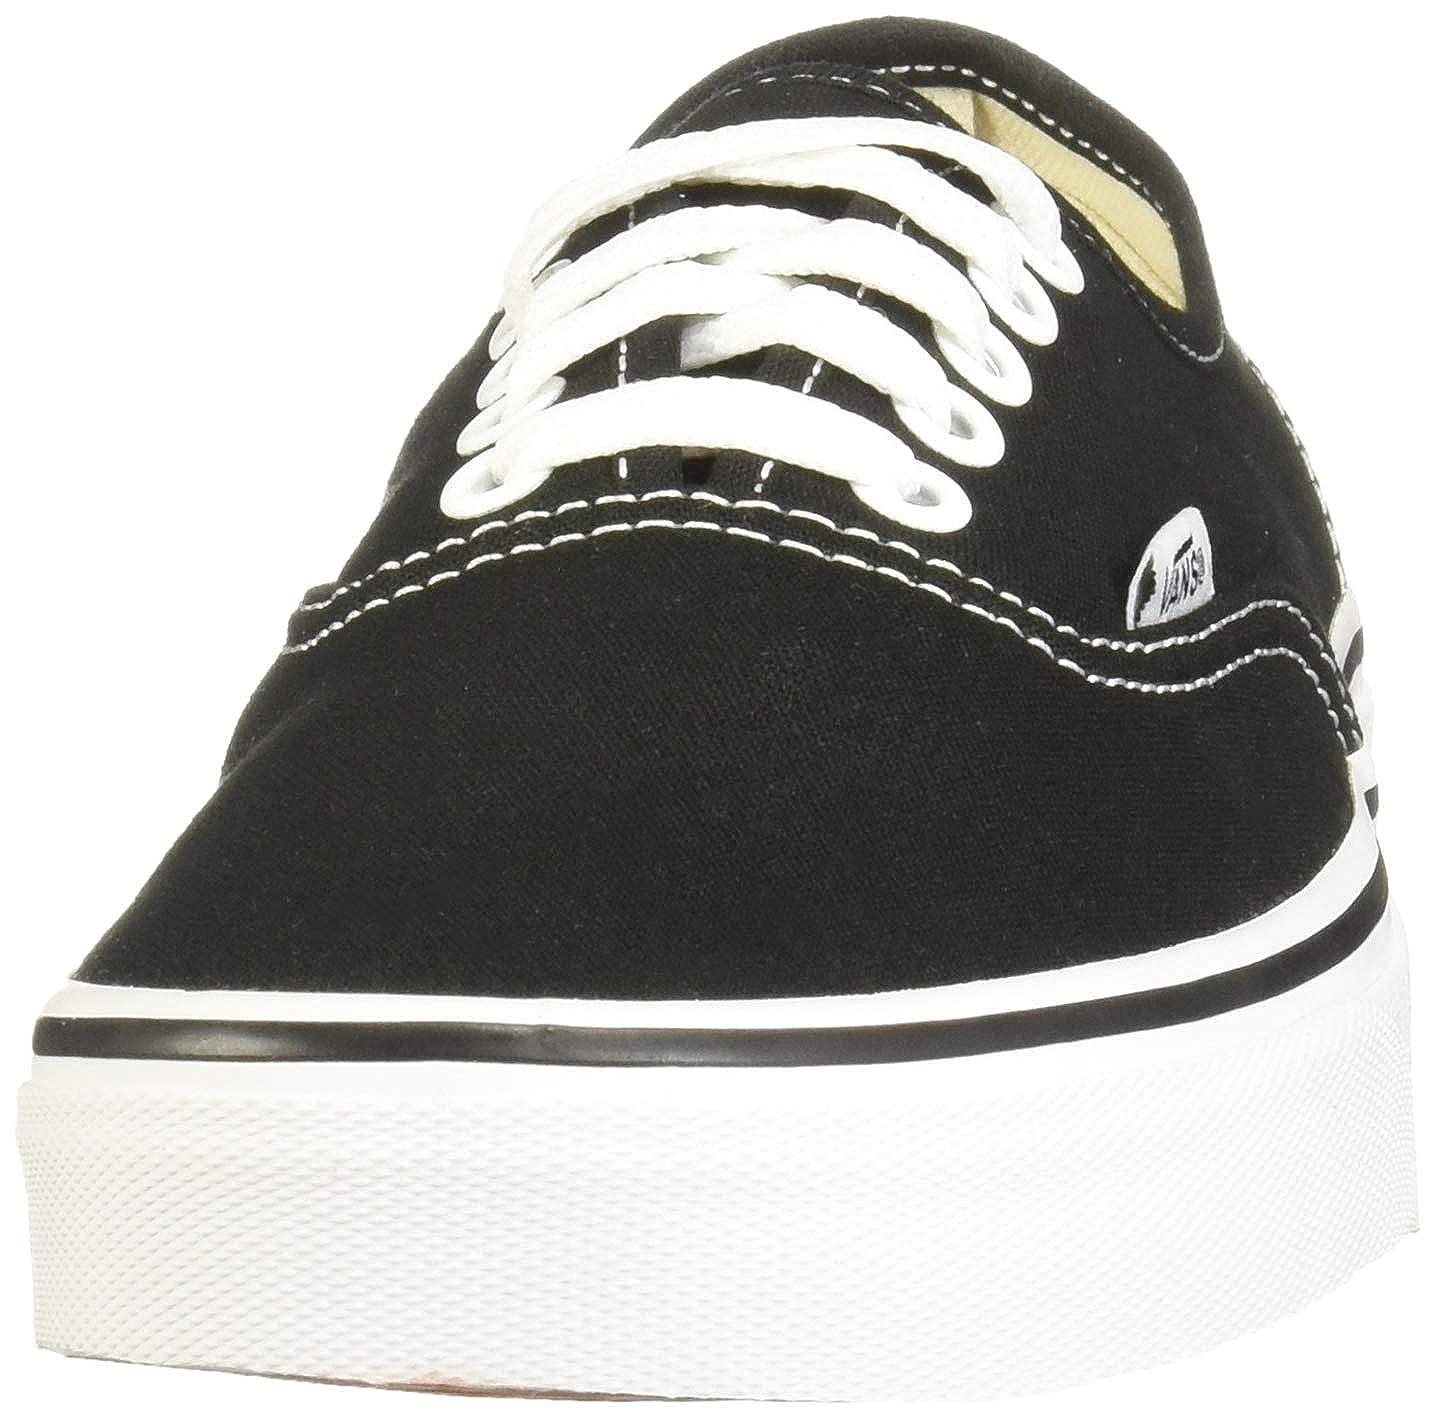 d57a5169839 Vans Authentic